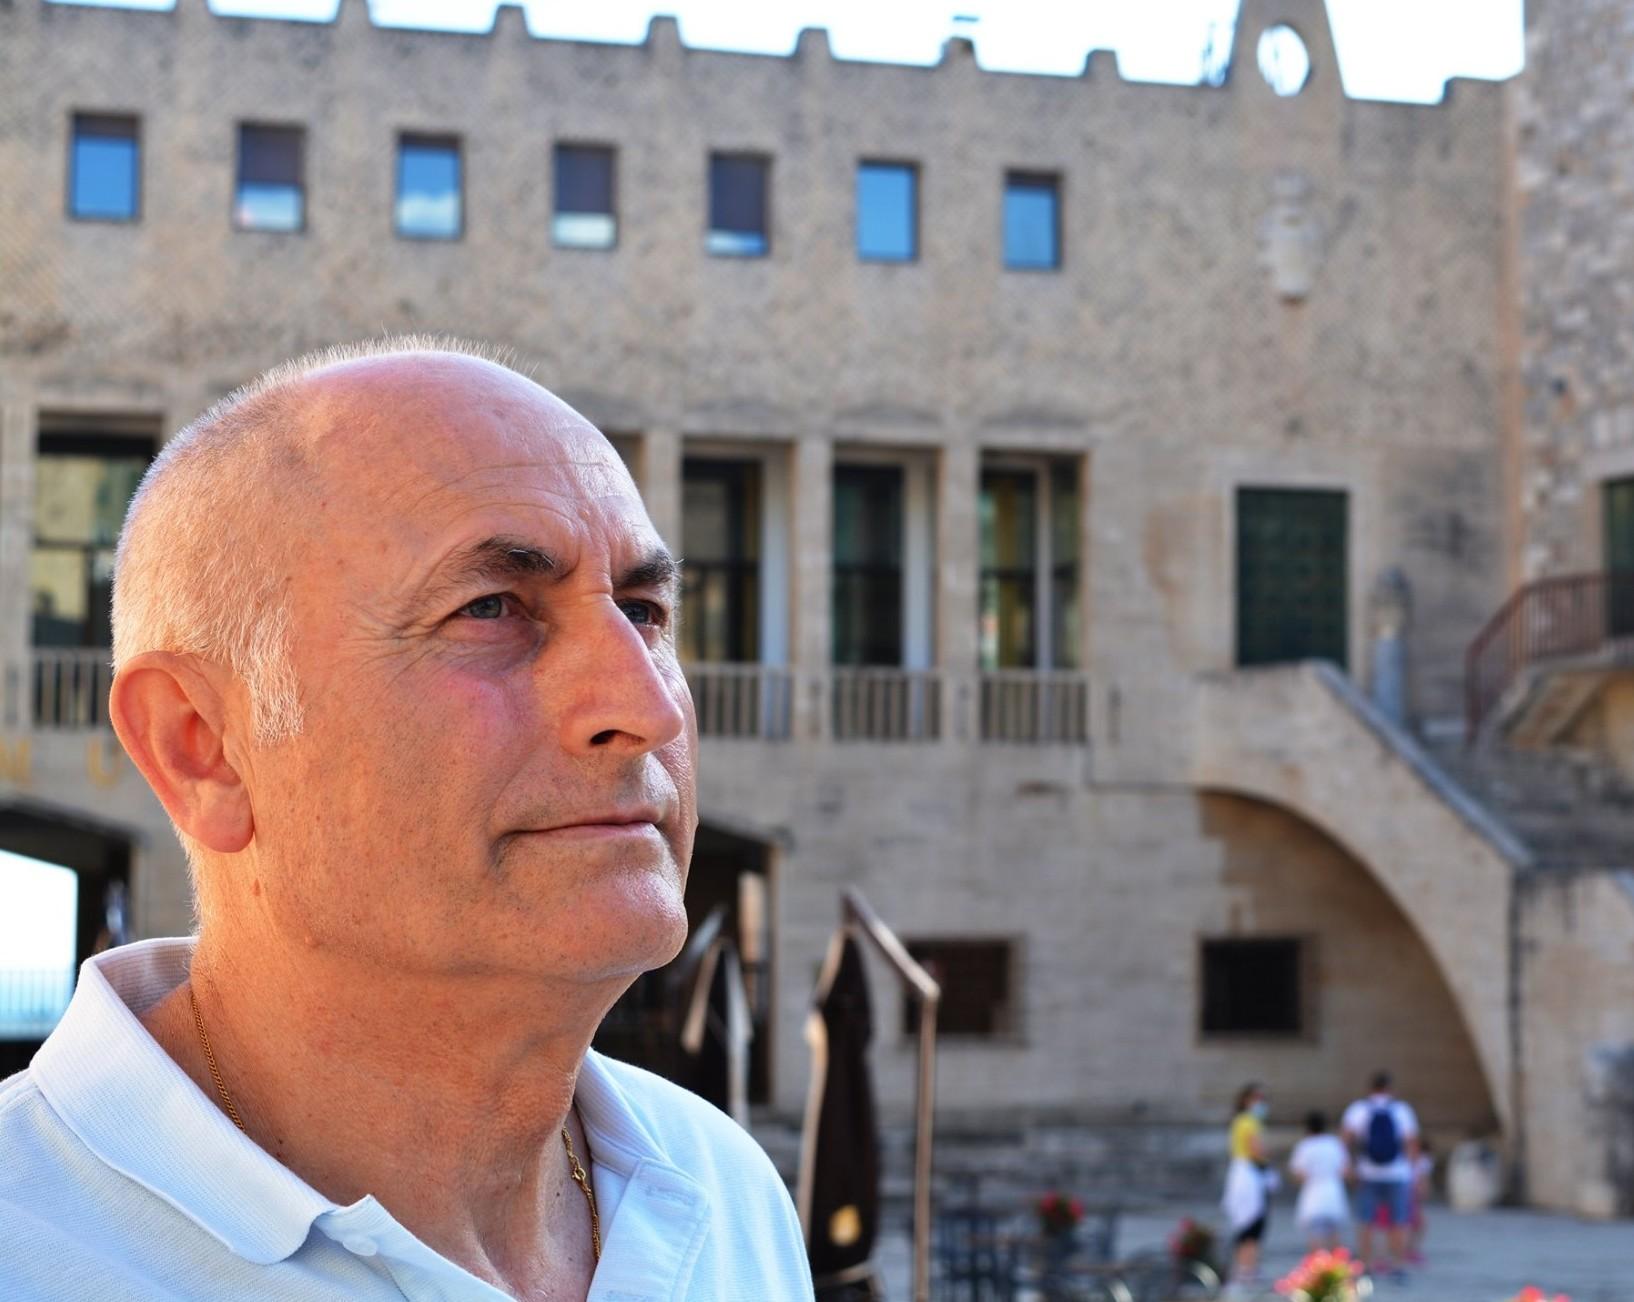 Piero Vanni, candidato sindaco del Movimento 5 Stelle per le elezioni amministrative a Terracina